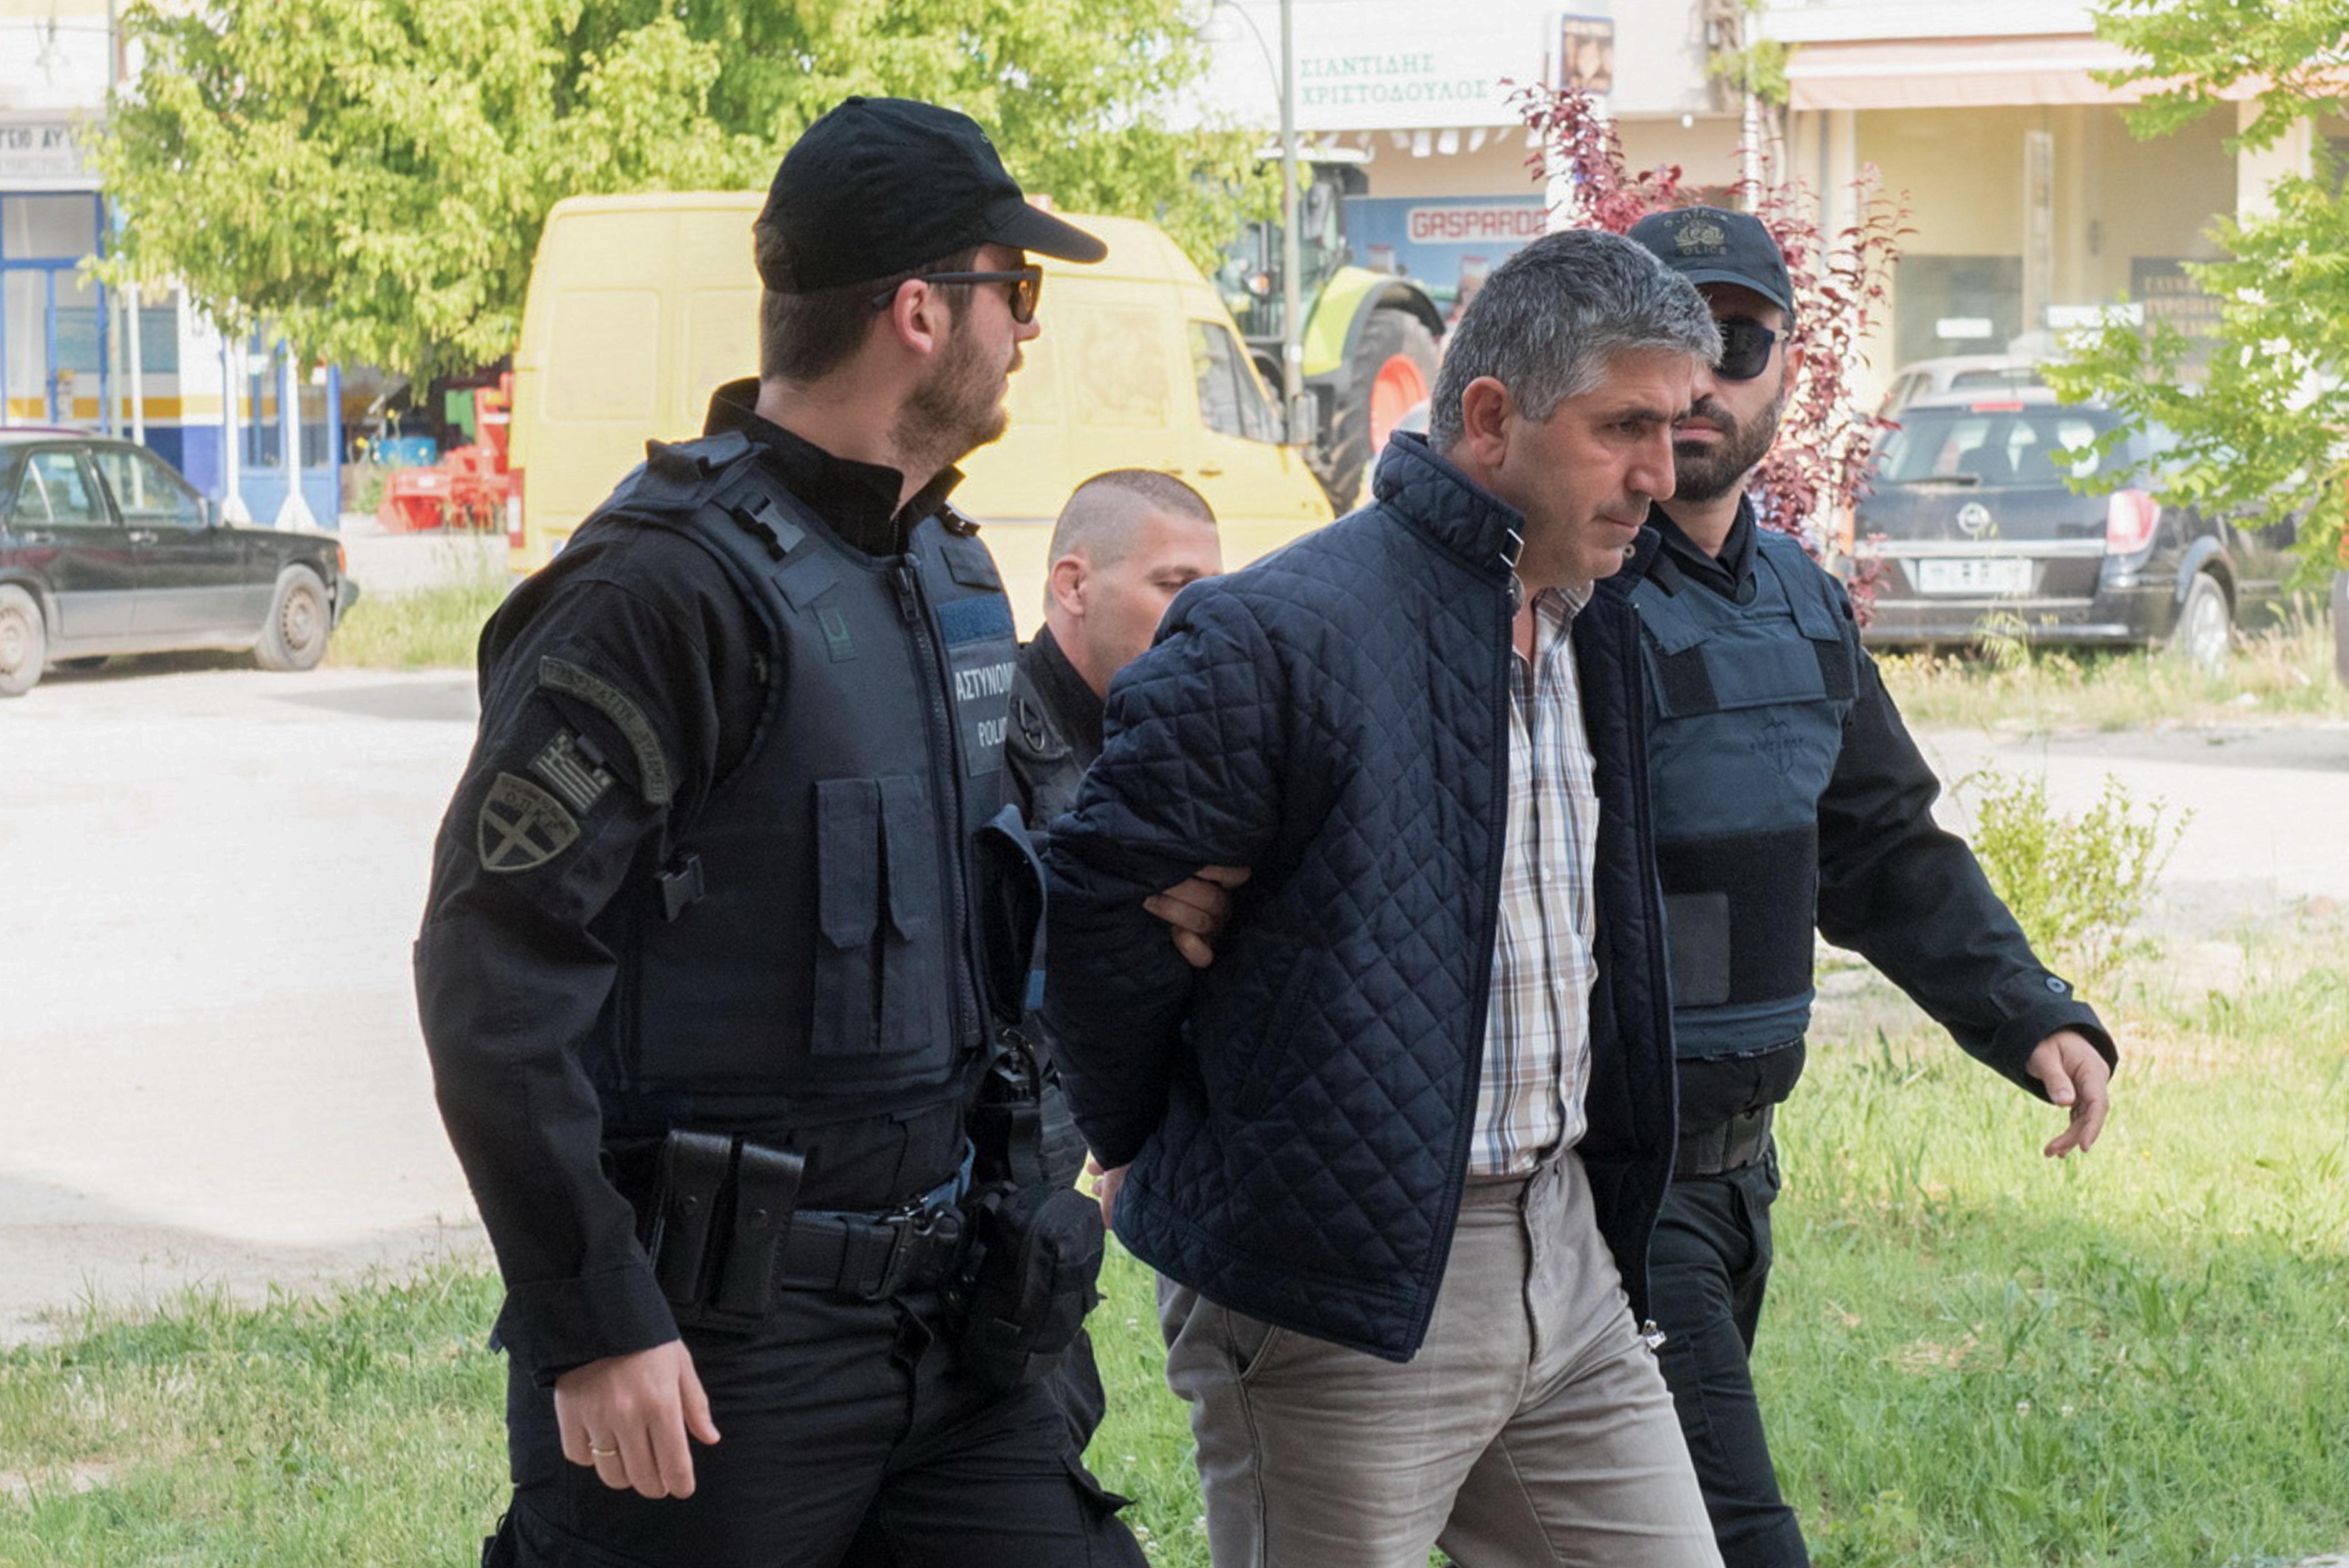 Ελεύθερος αφέθηκε ο Τούρκος που συνελήφθη στον Έβρο. Η ποινή και η διαδικασία